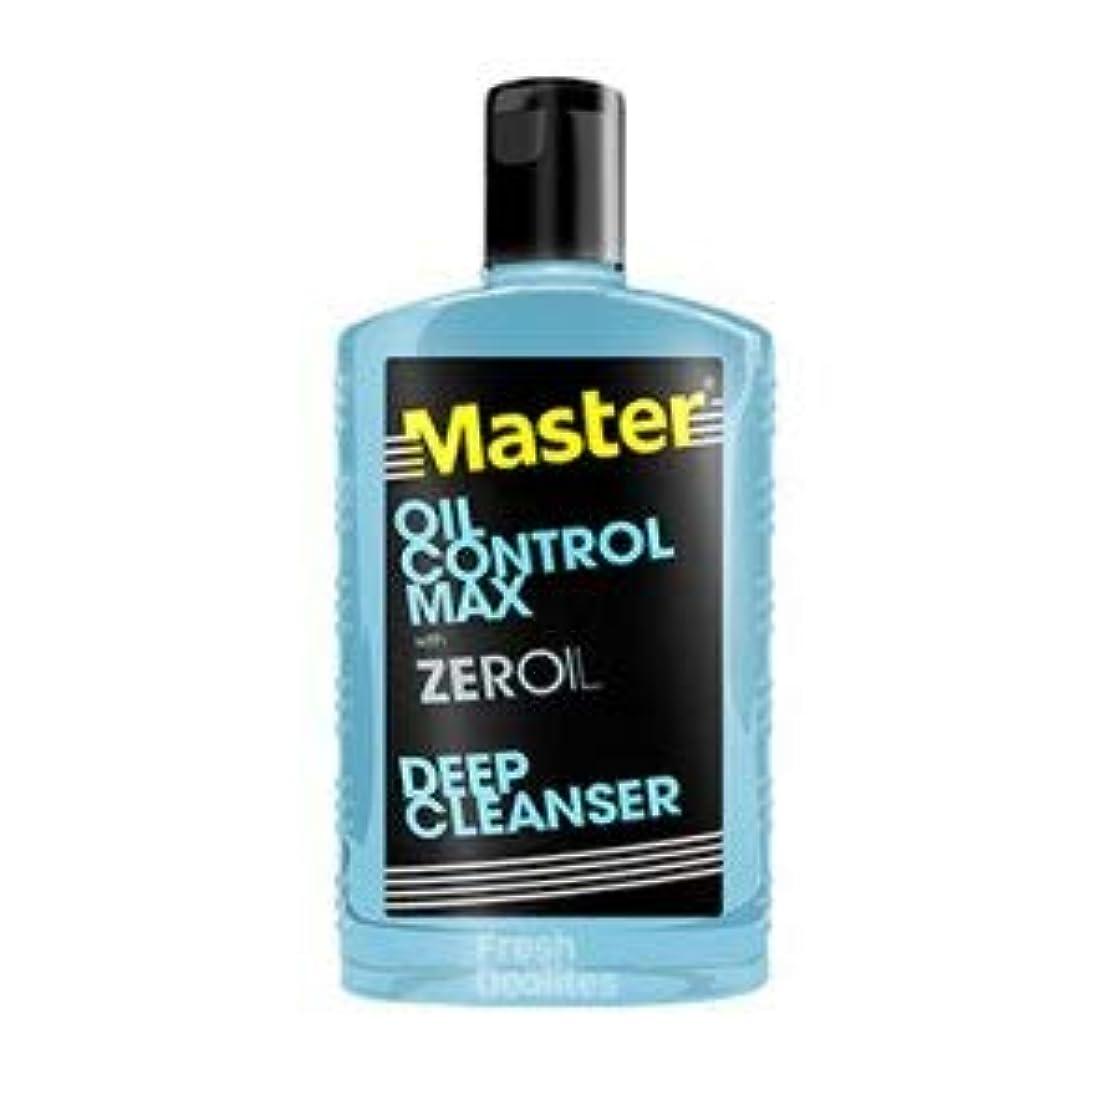 お香バーゲン運搬Master OIL CONTROL MAX with ZEROIL 135ml【PHILIPPINES】